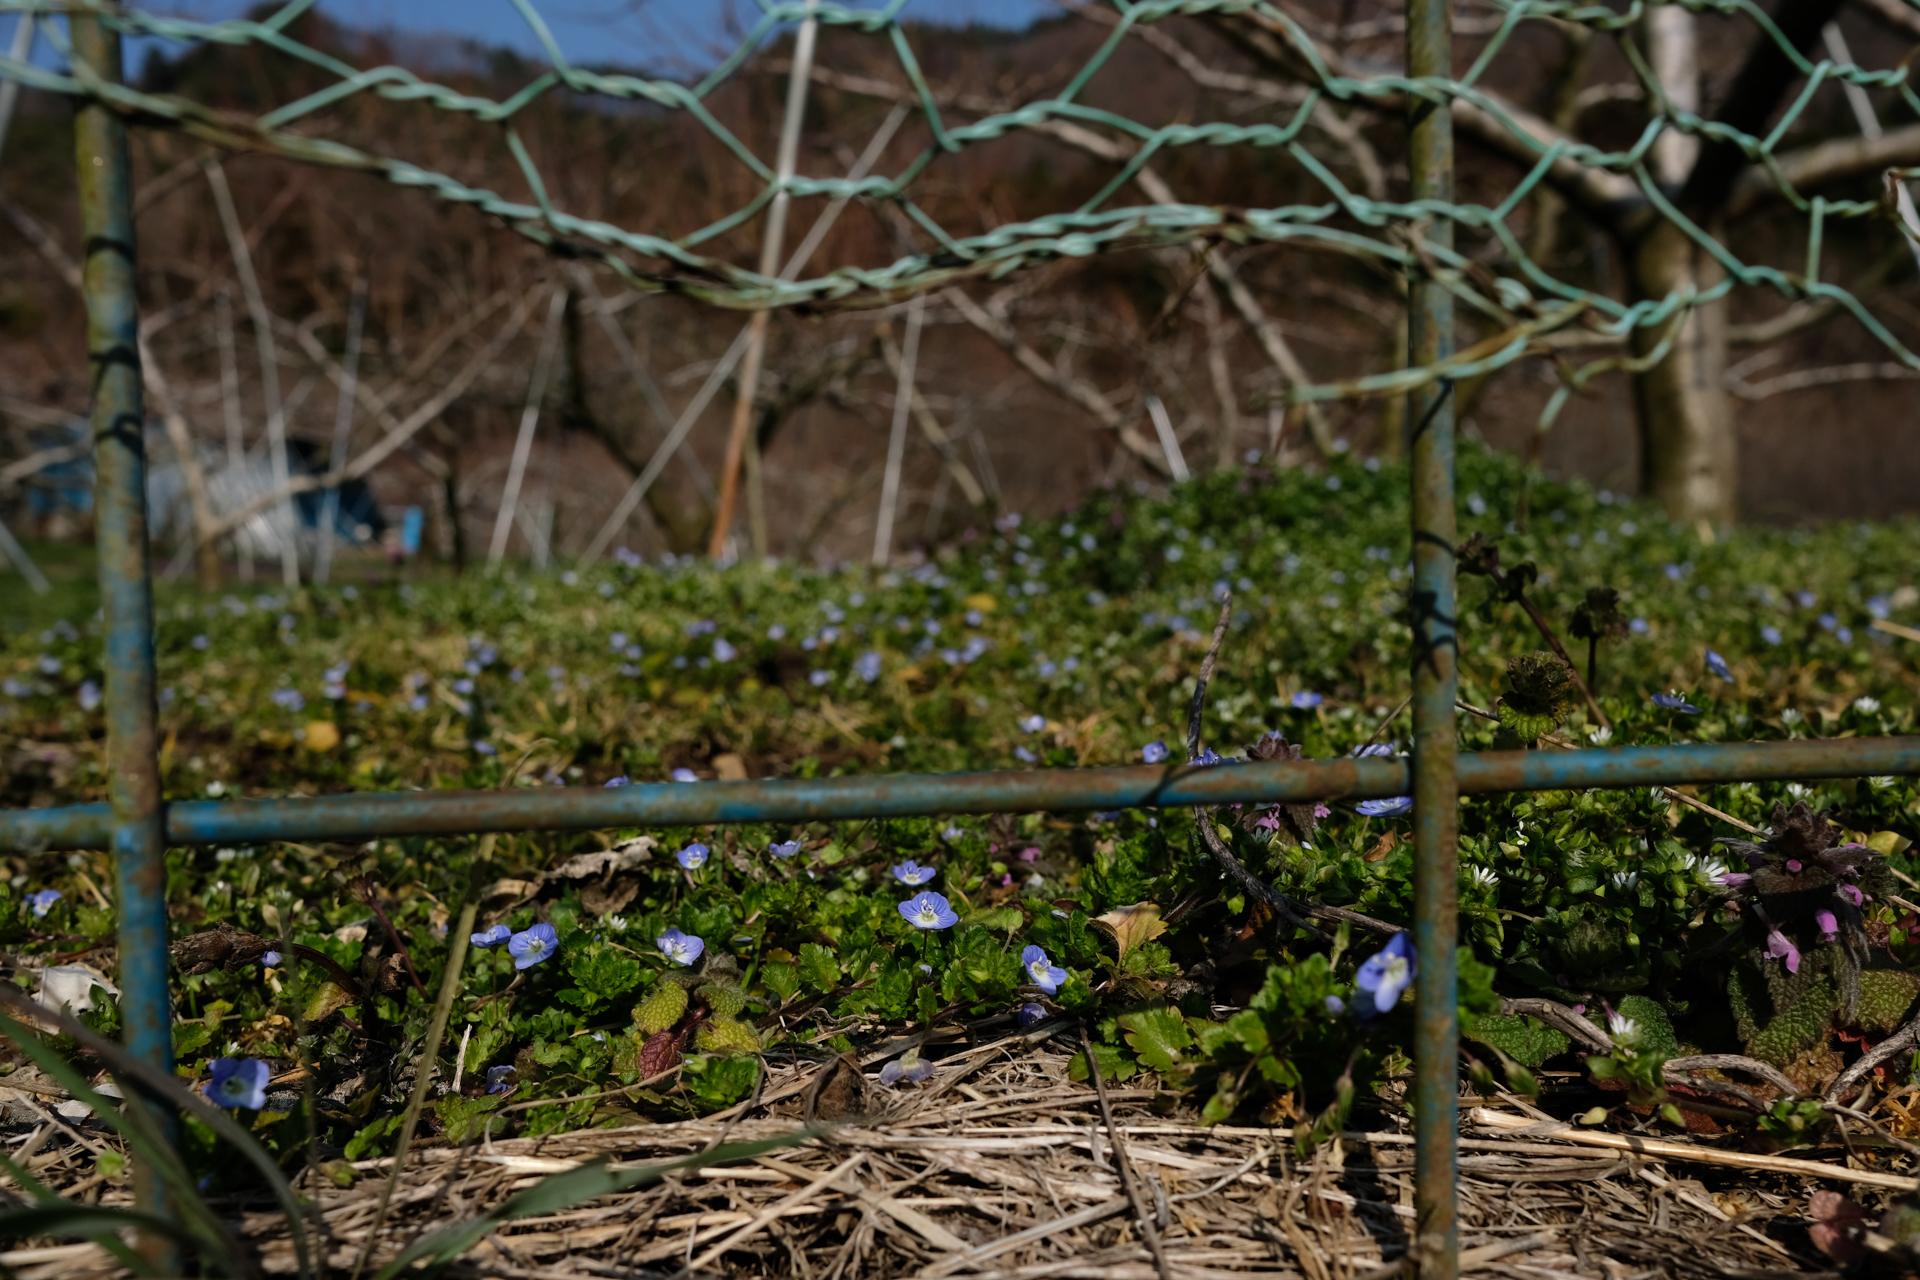 X-E3+XF23mmF2 R WR 山梨県 甲州市 山村 養蚕集落